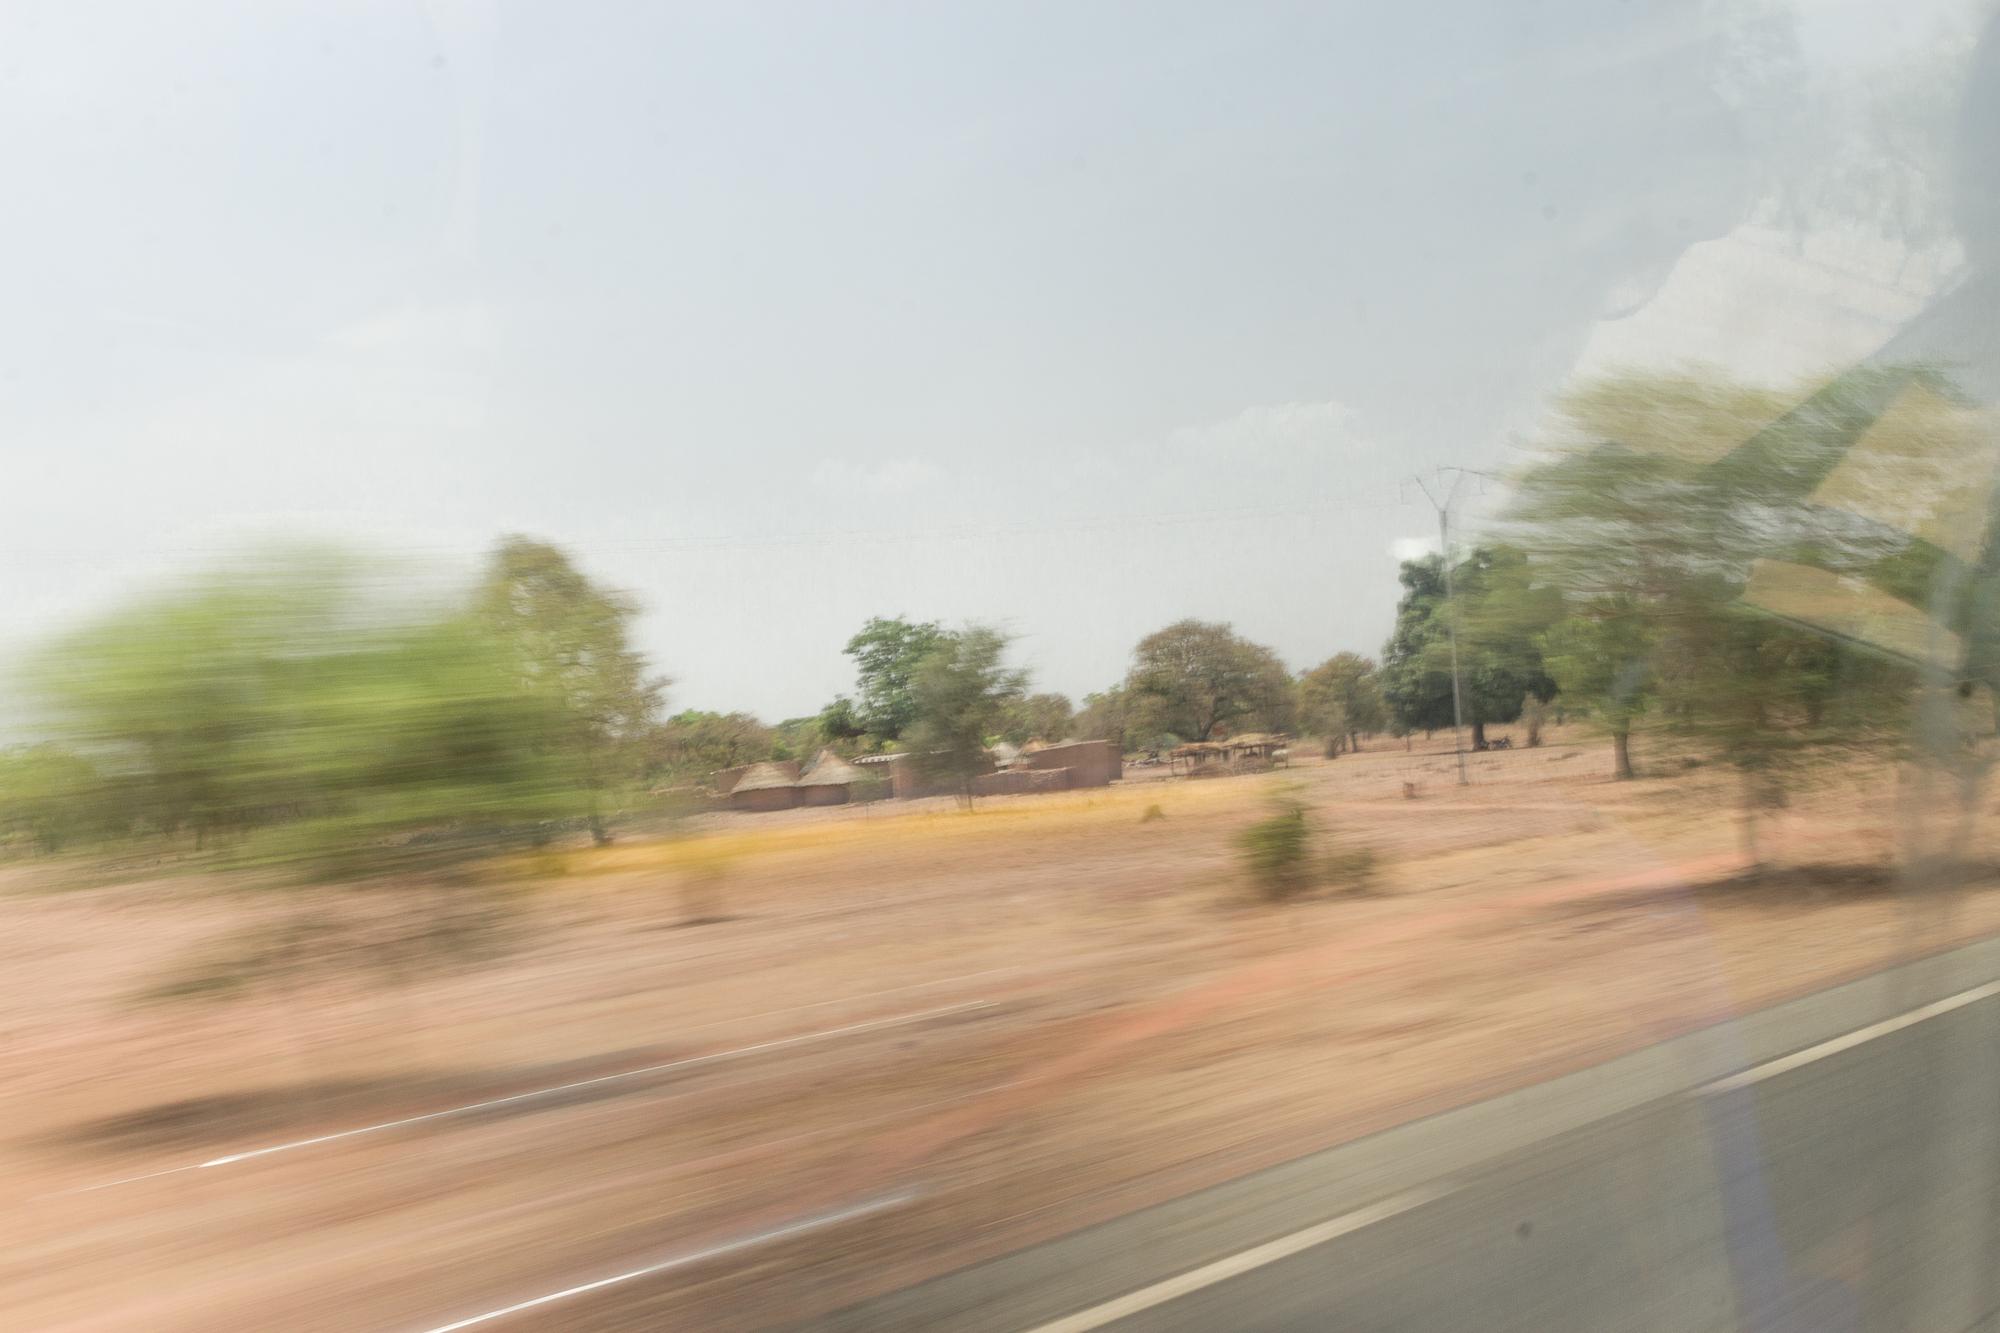 accident sur la route, Burkina Faso